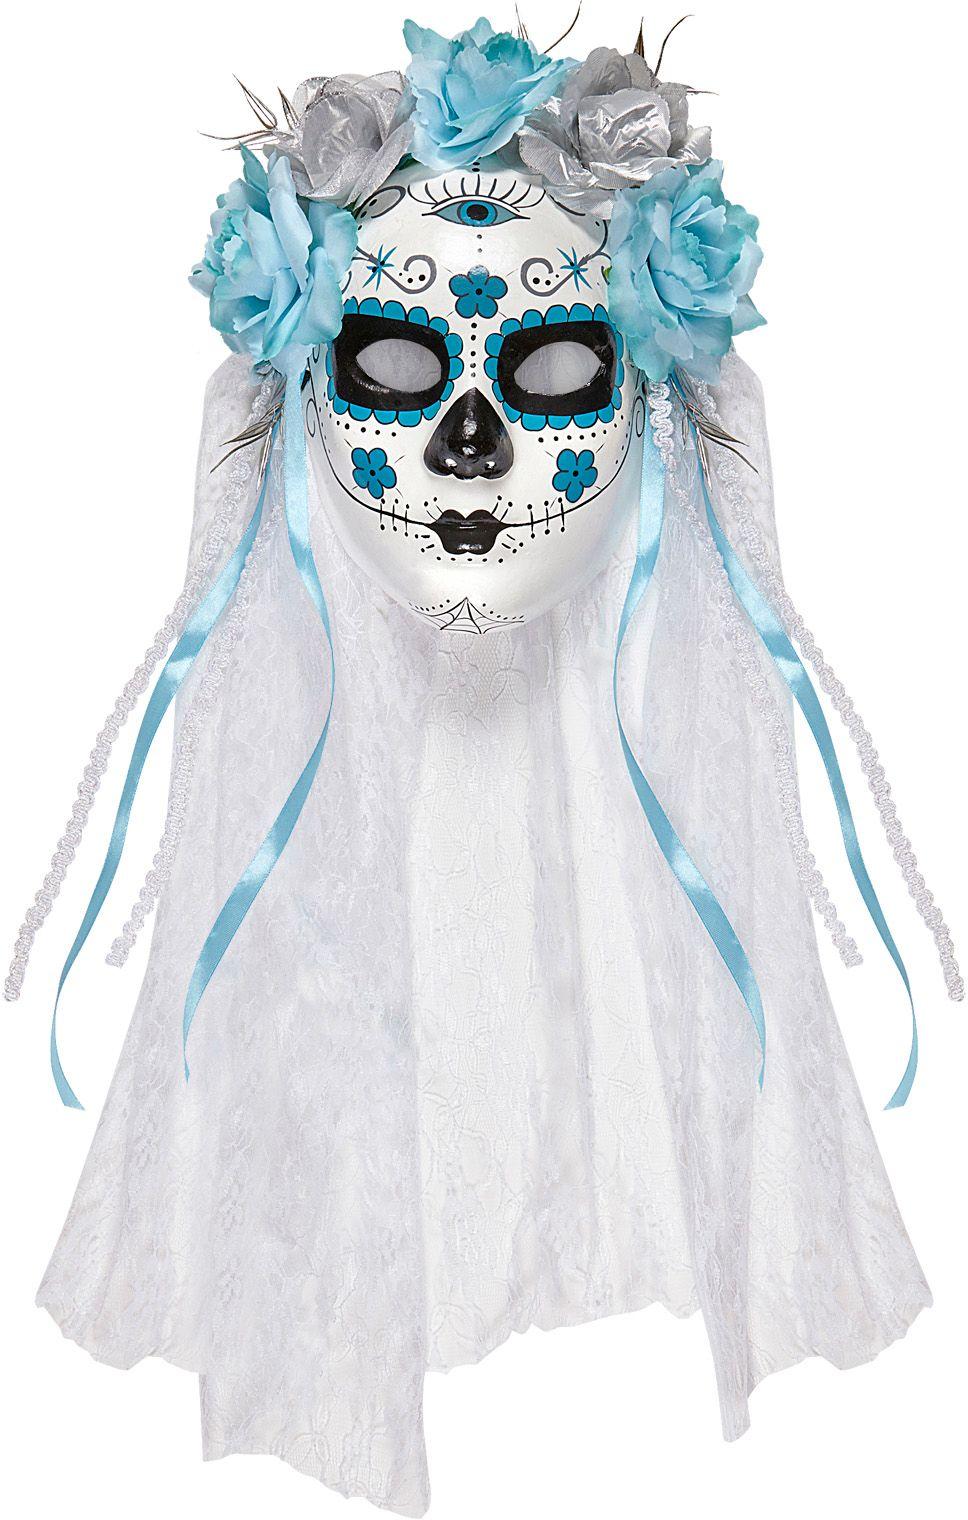 Blauw wit dia de los muertos masker met sluier